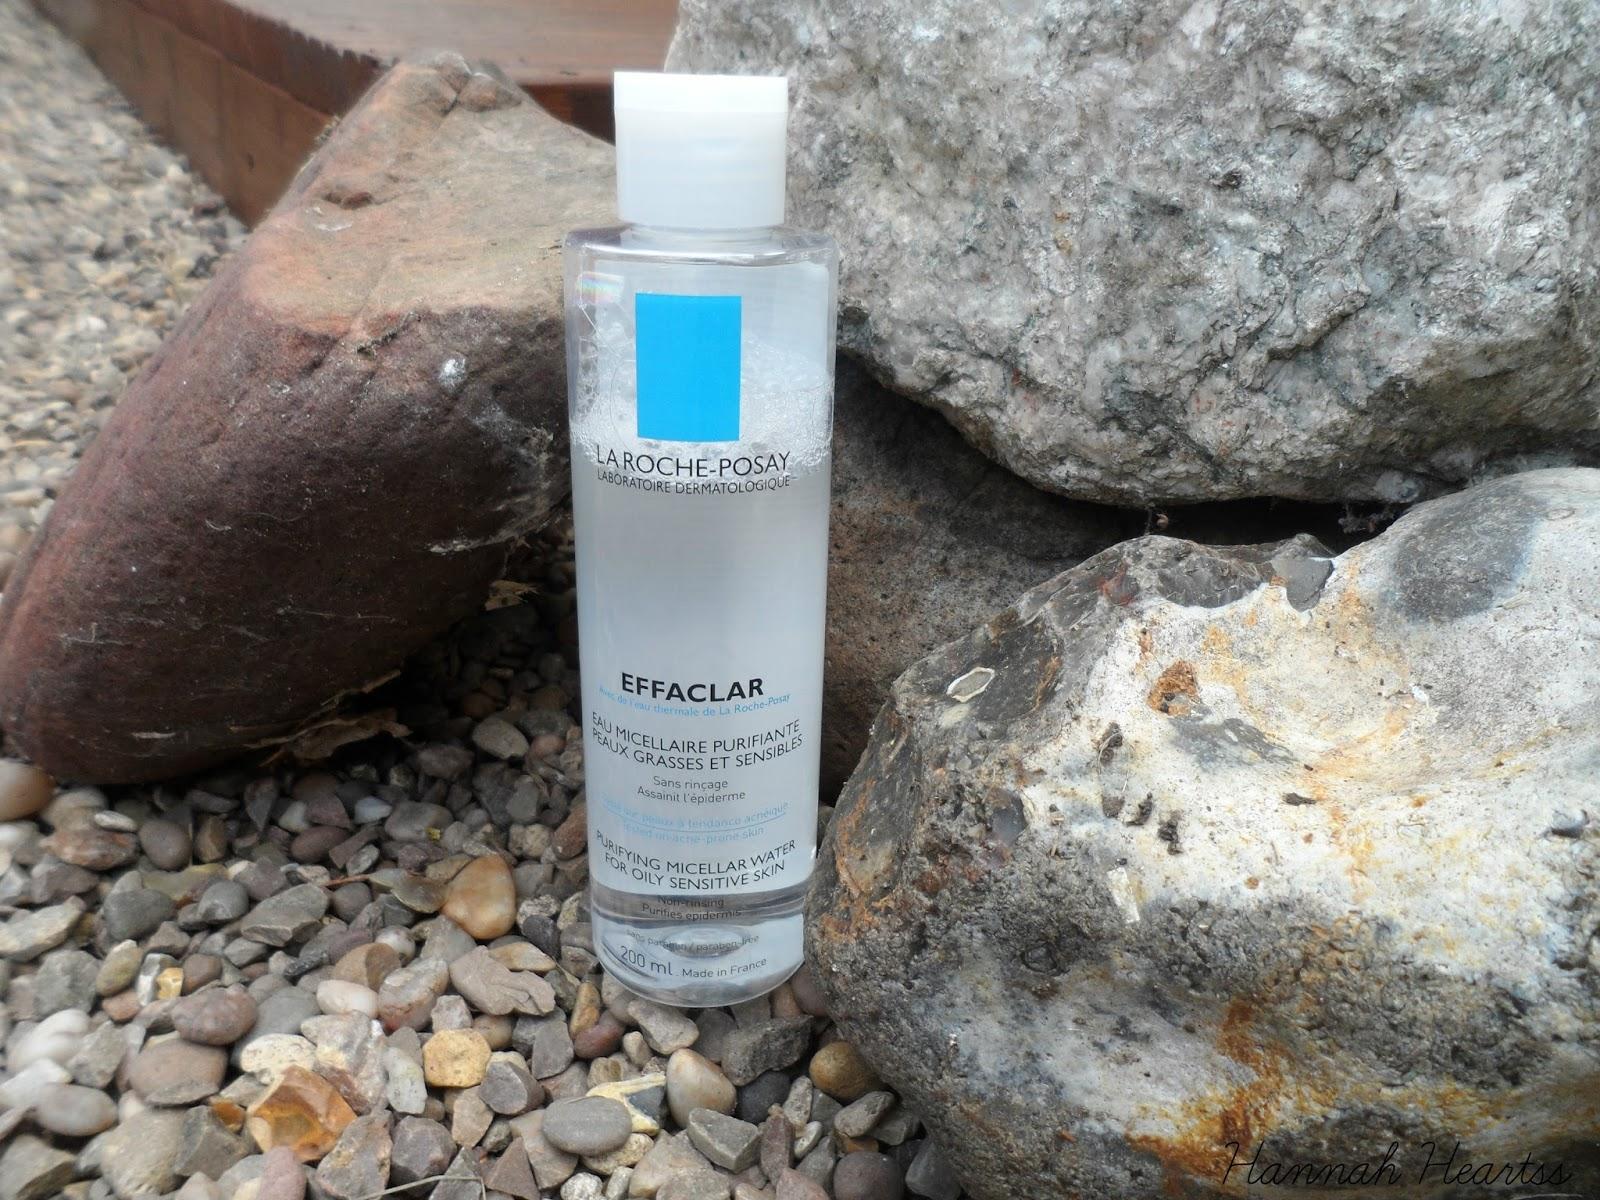 La Roche- Posay Effaclar Micellar Water